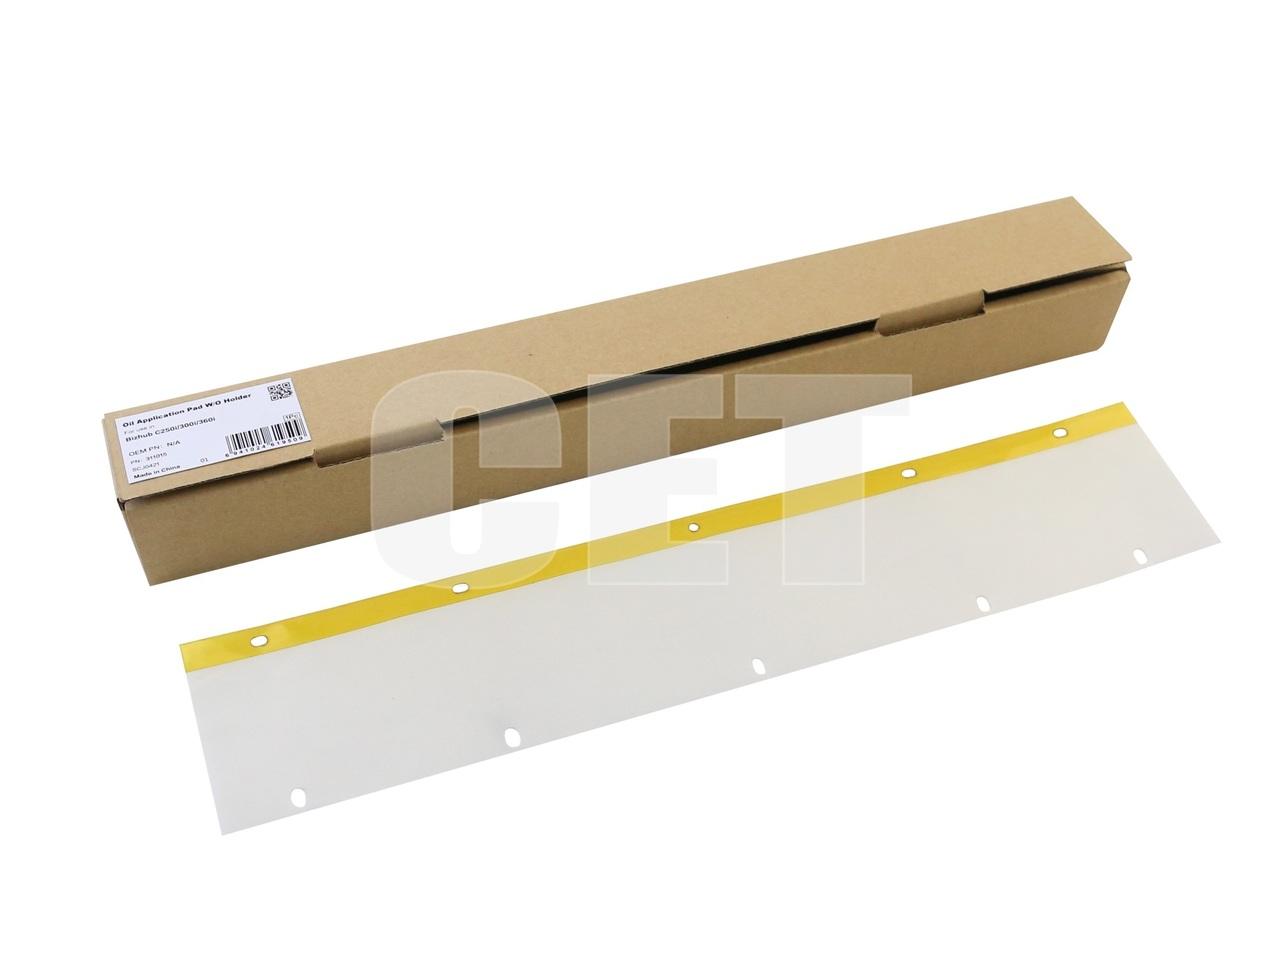 Тканевая накладка прижимной планки фьюзера для KONICAMINOLTA Bizhub C250i/300i/360i (CET), CET311015